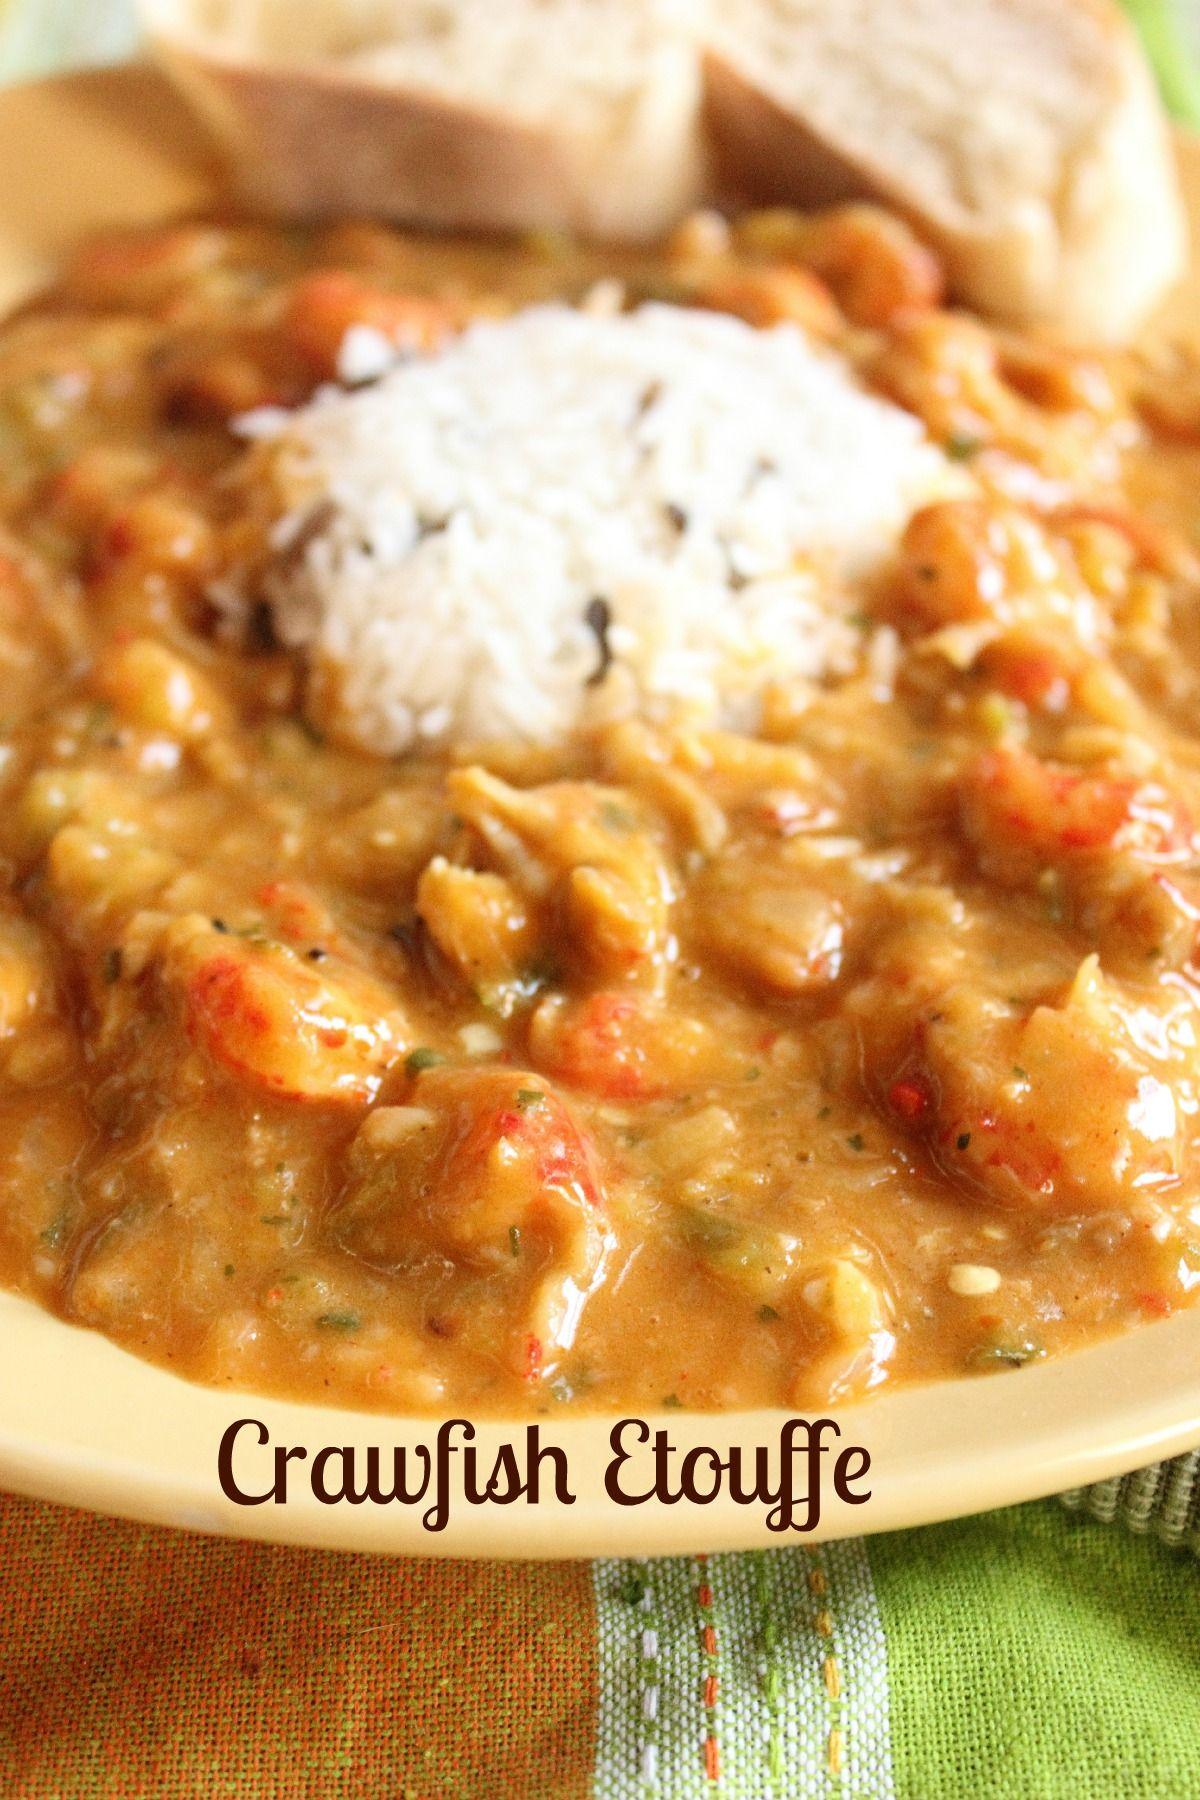 Crawfish Etouffee Recipe Brown Sugar Food Blog Recipe Crawfish Recipes Etouffee Recipe Cajun Recipes